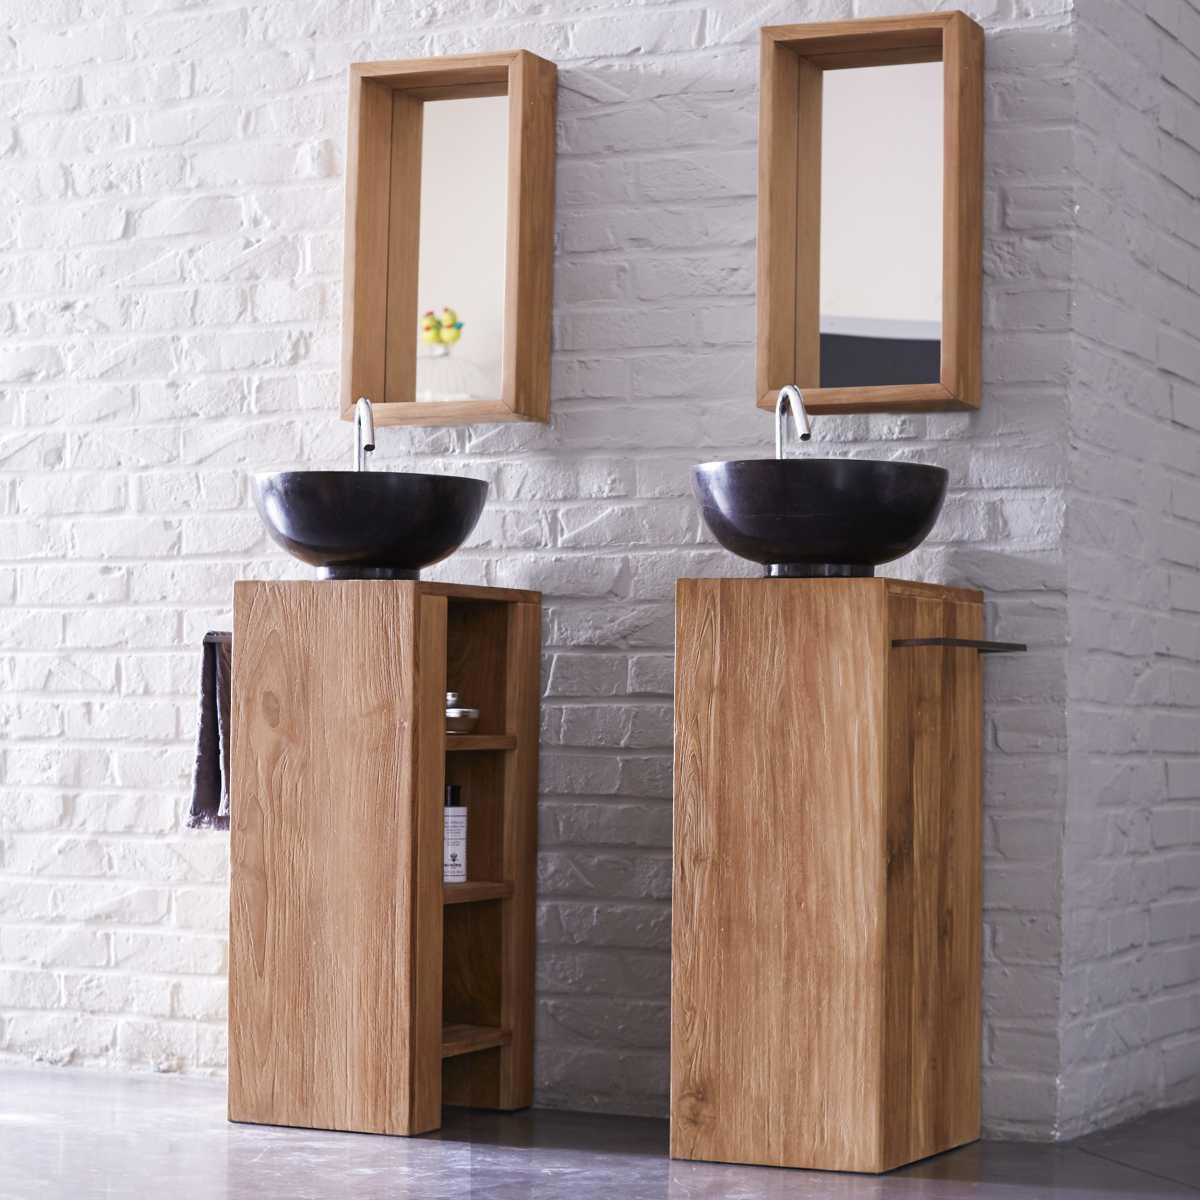 Vente Privée Robinetterie Impressionnant Photos Meuble Salle De Bain Vente Privee Simple Rsultat Suprieur Meuble